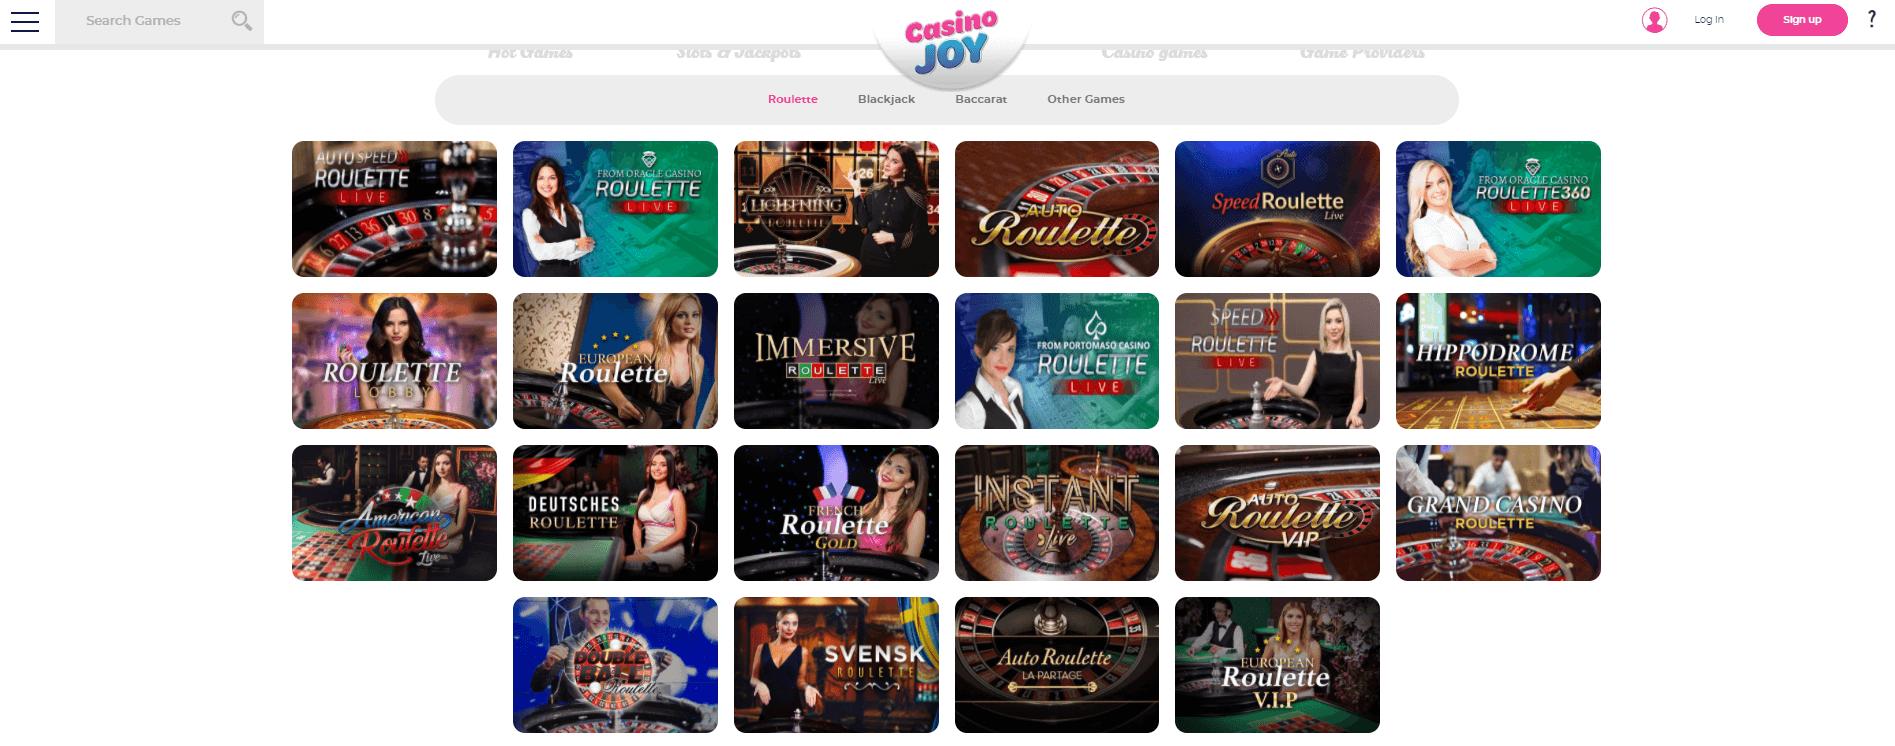 Casino Joy Live lobby